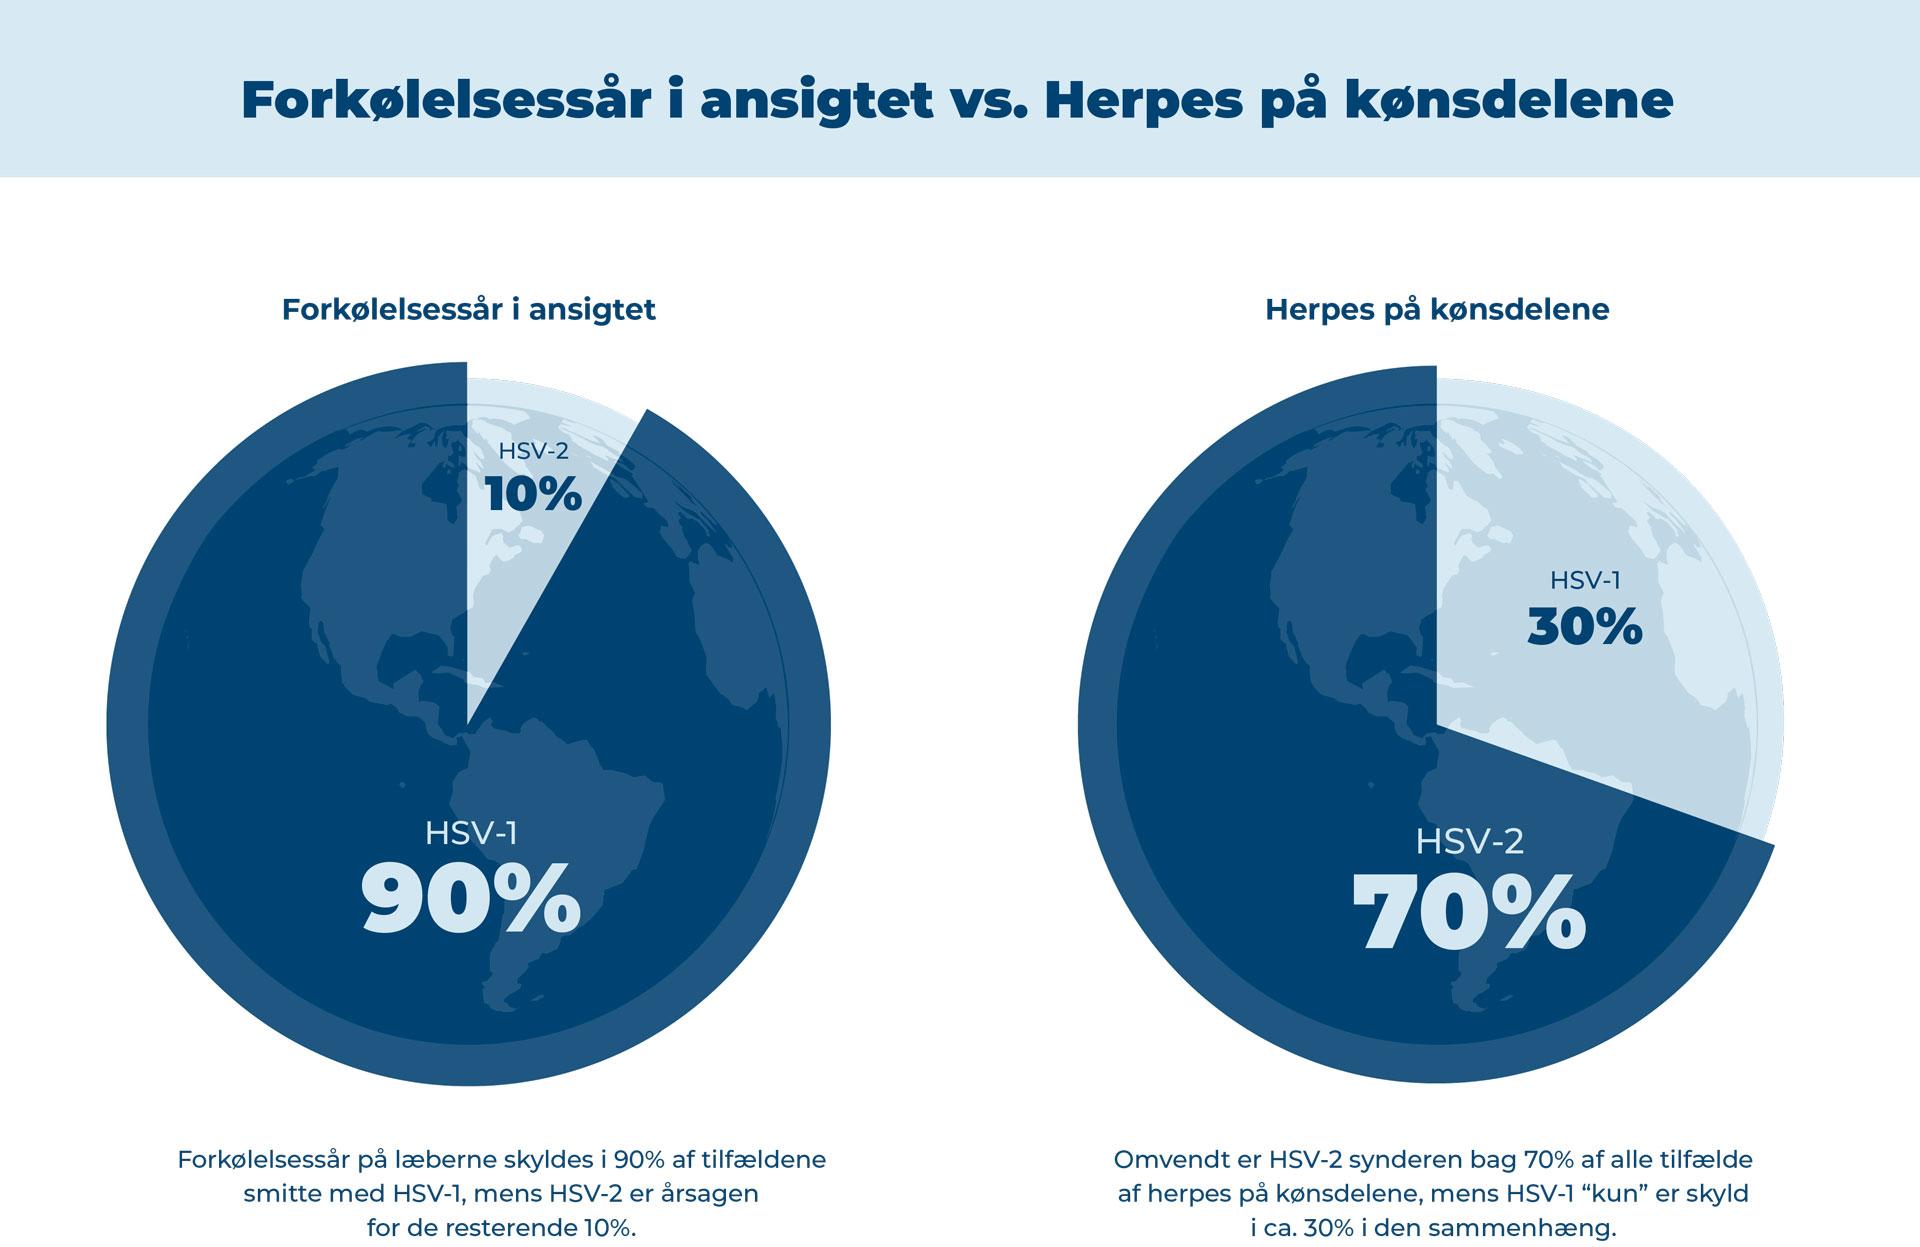 Forkølelsessår og herpes skyldes HSV-1 ell. HSV-2